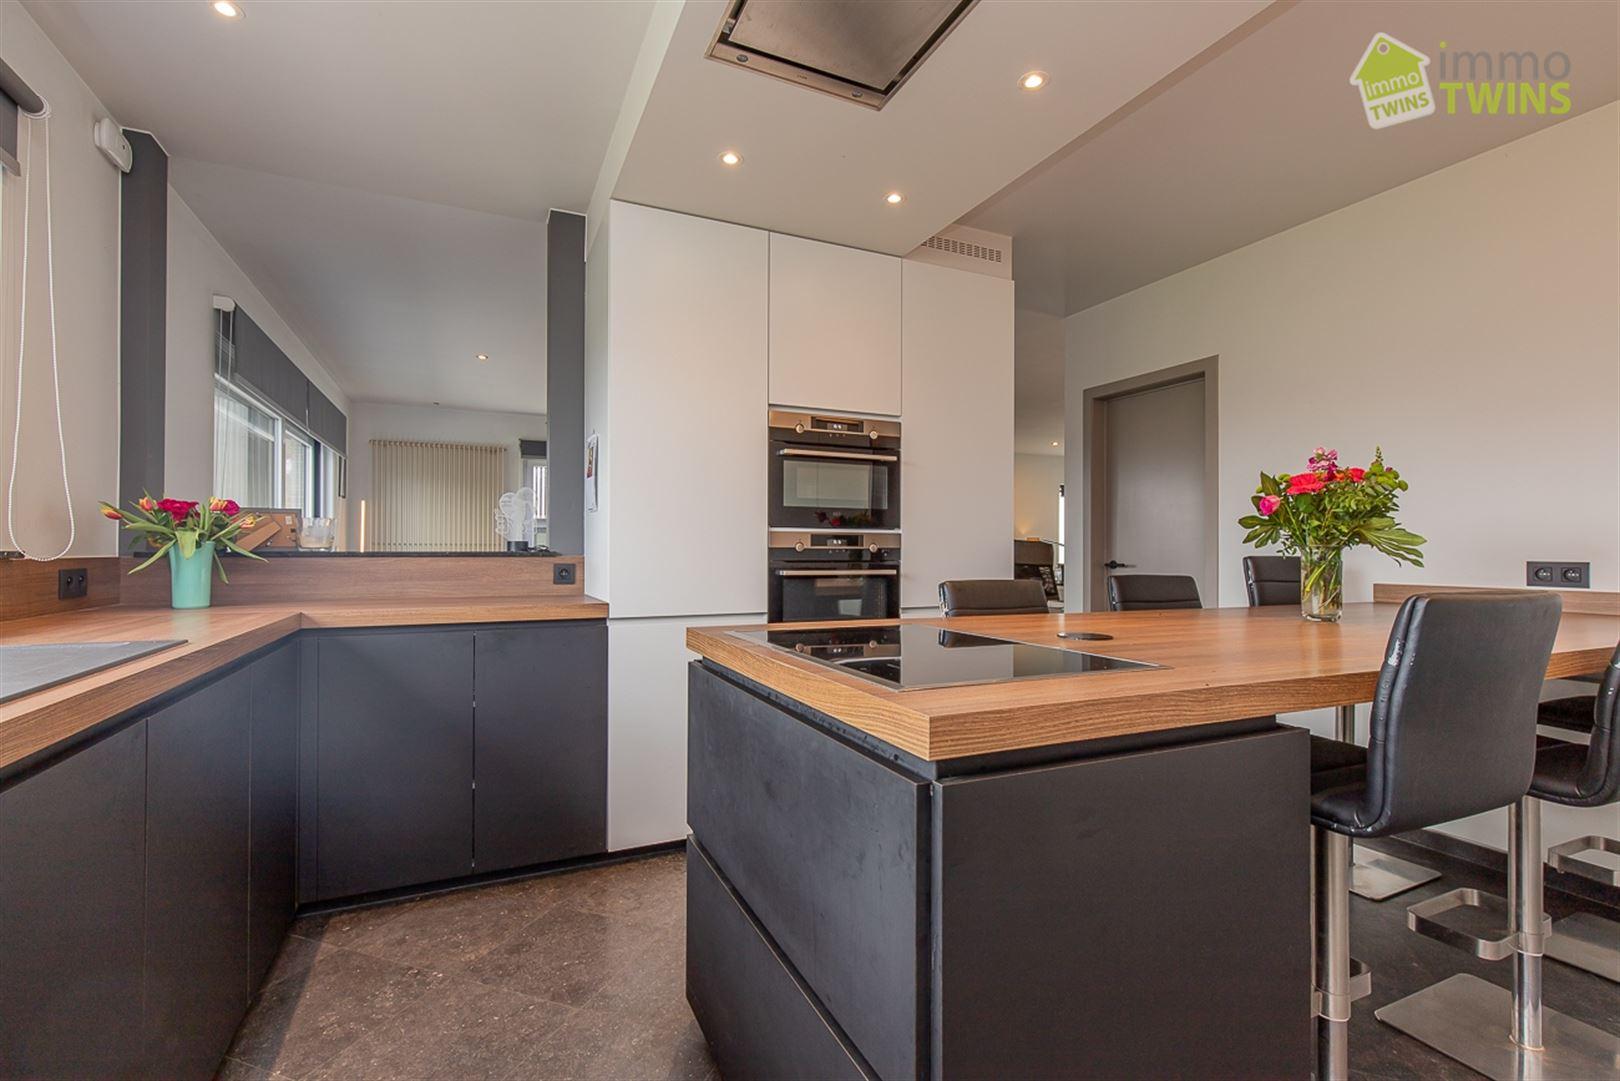 Foto 4 : Villa te 9140 TEMSE (België) - Prijs € 465.000